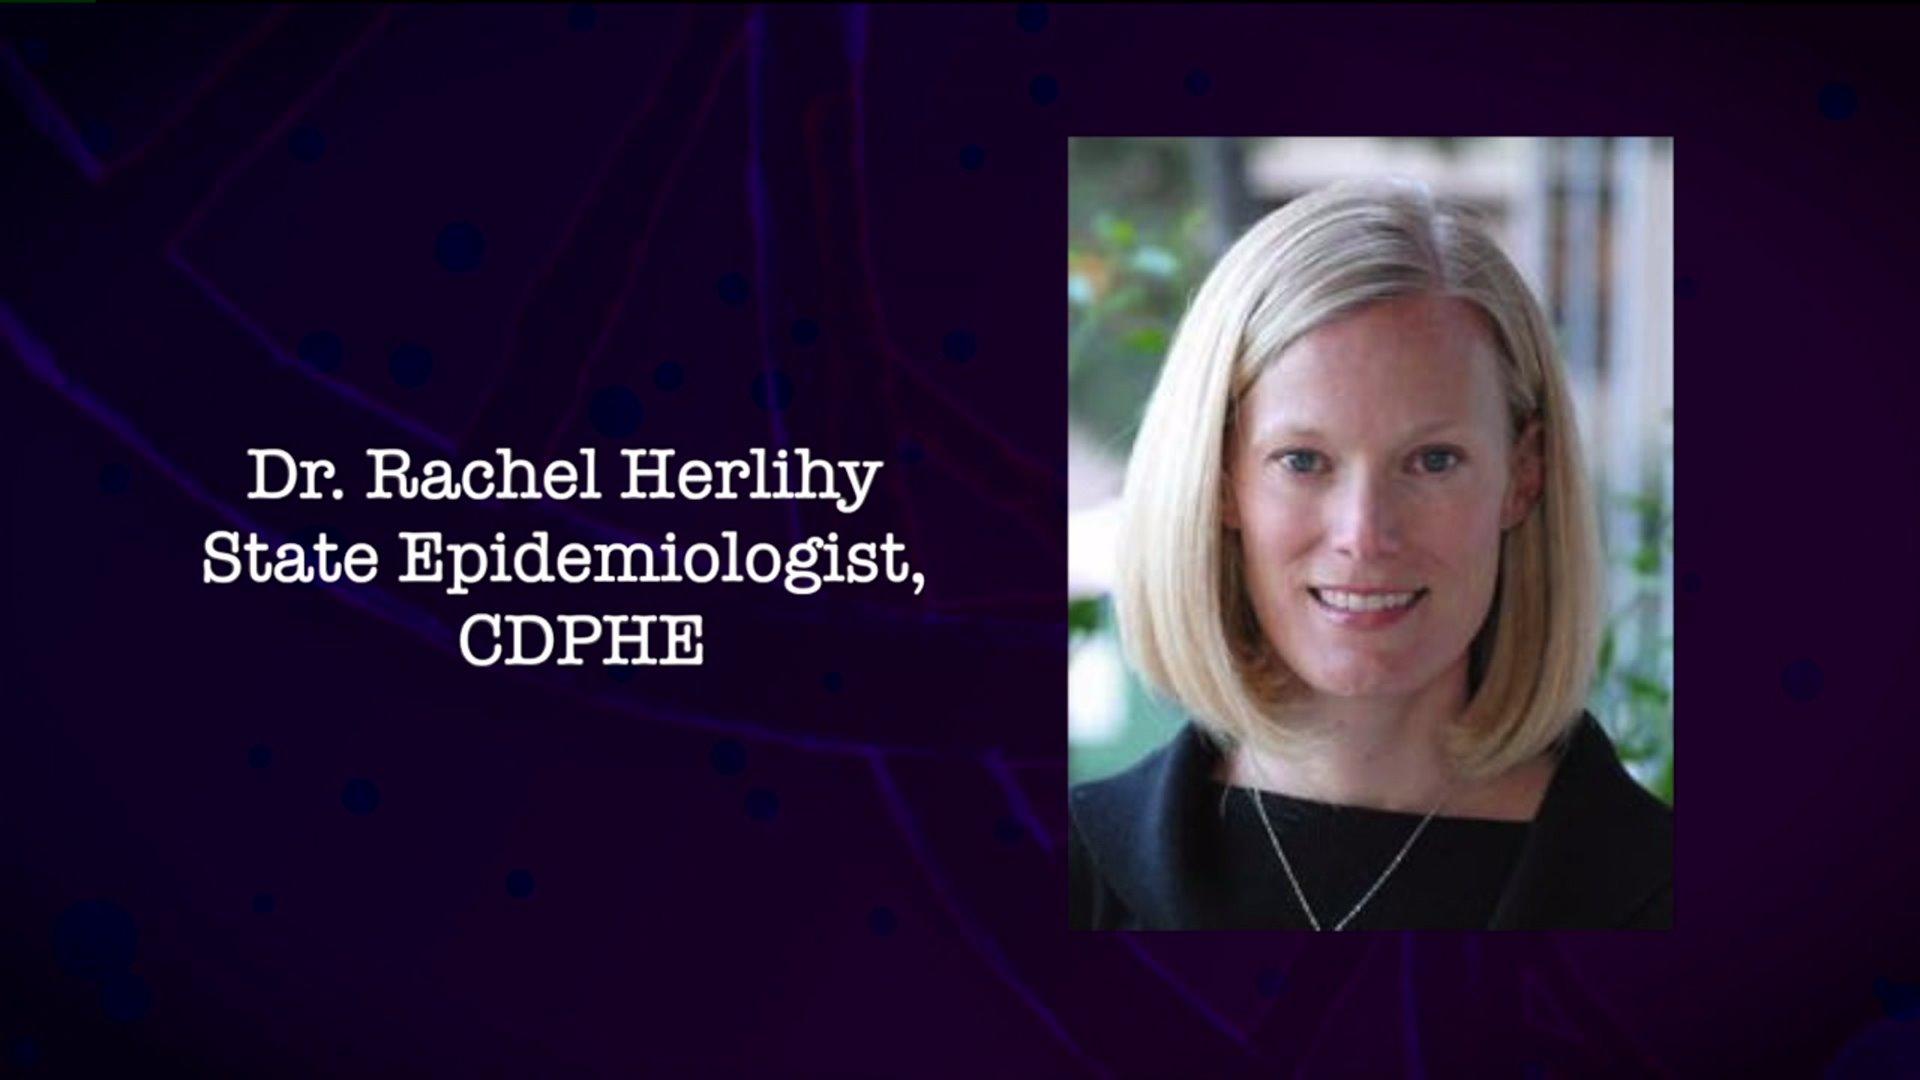 Dr. Rachel Herlihy